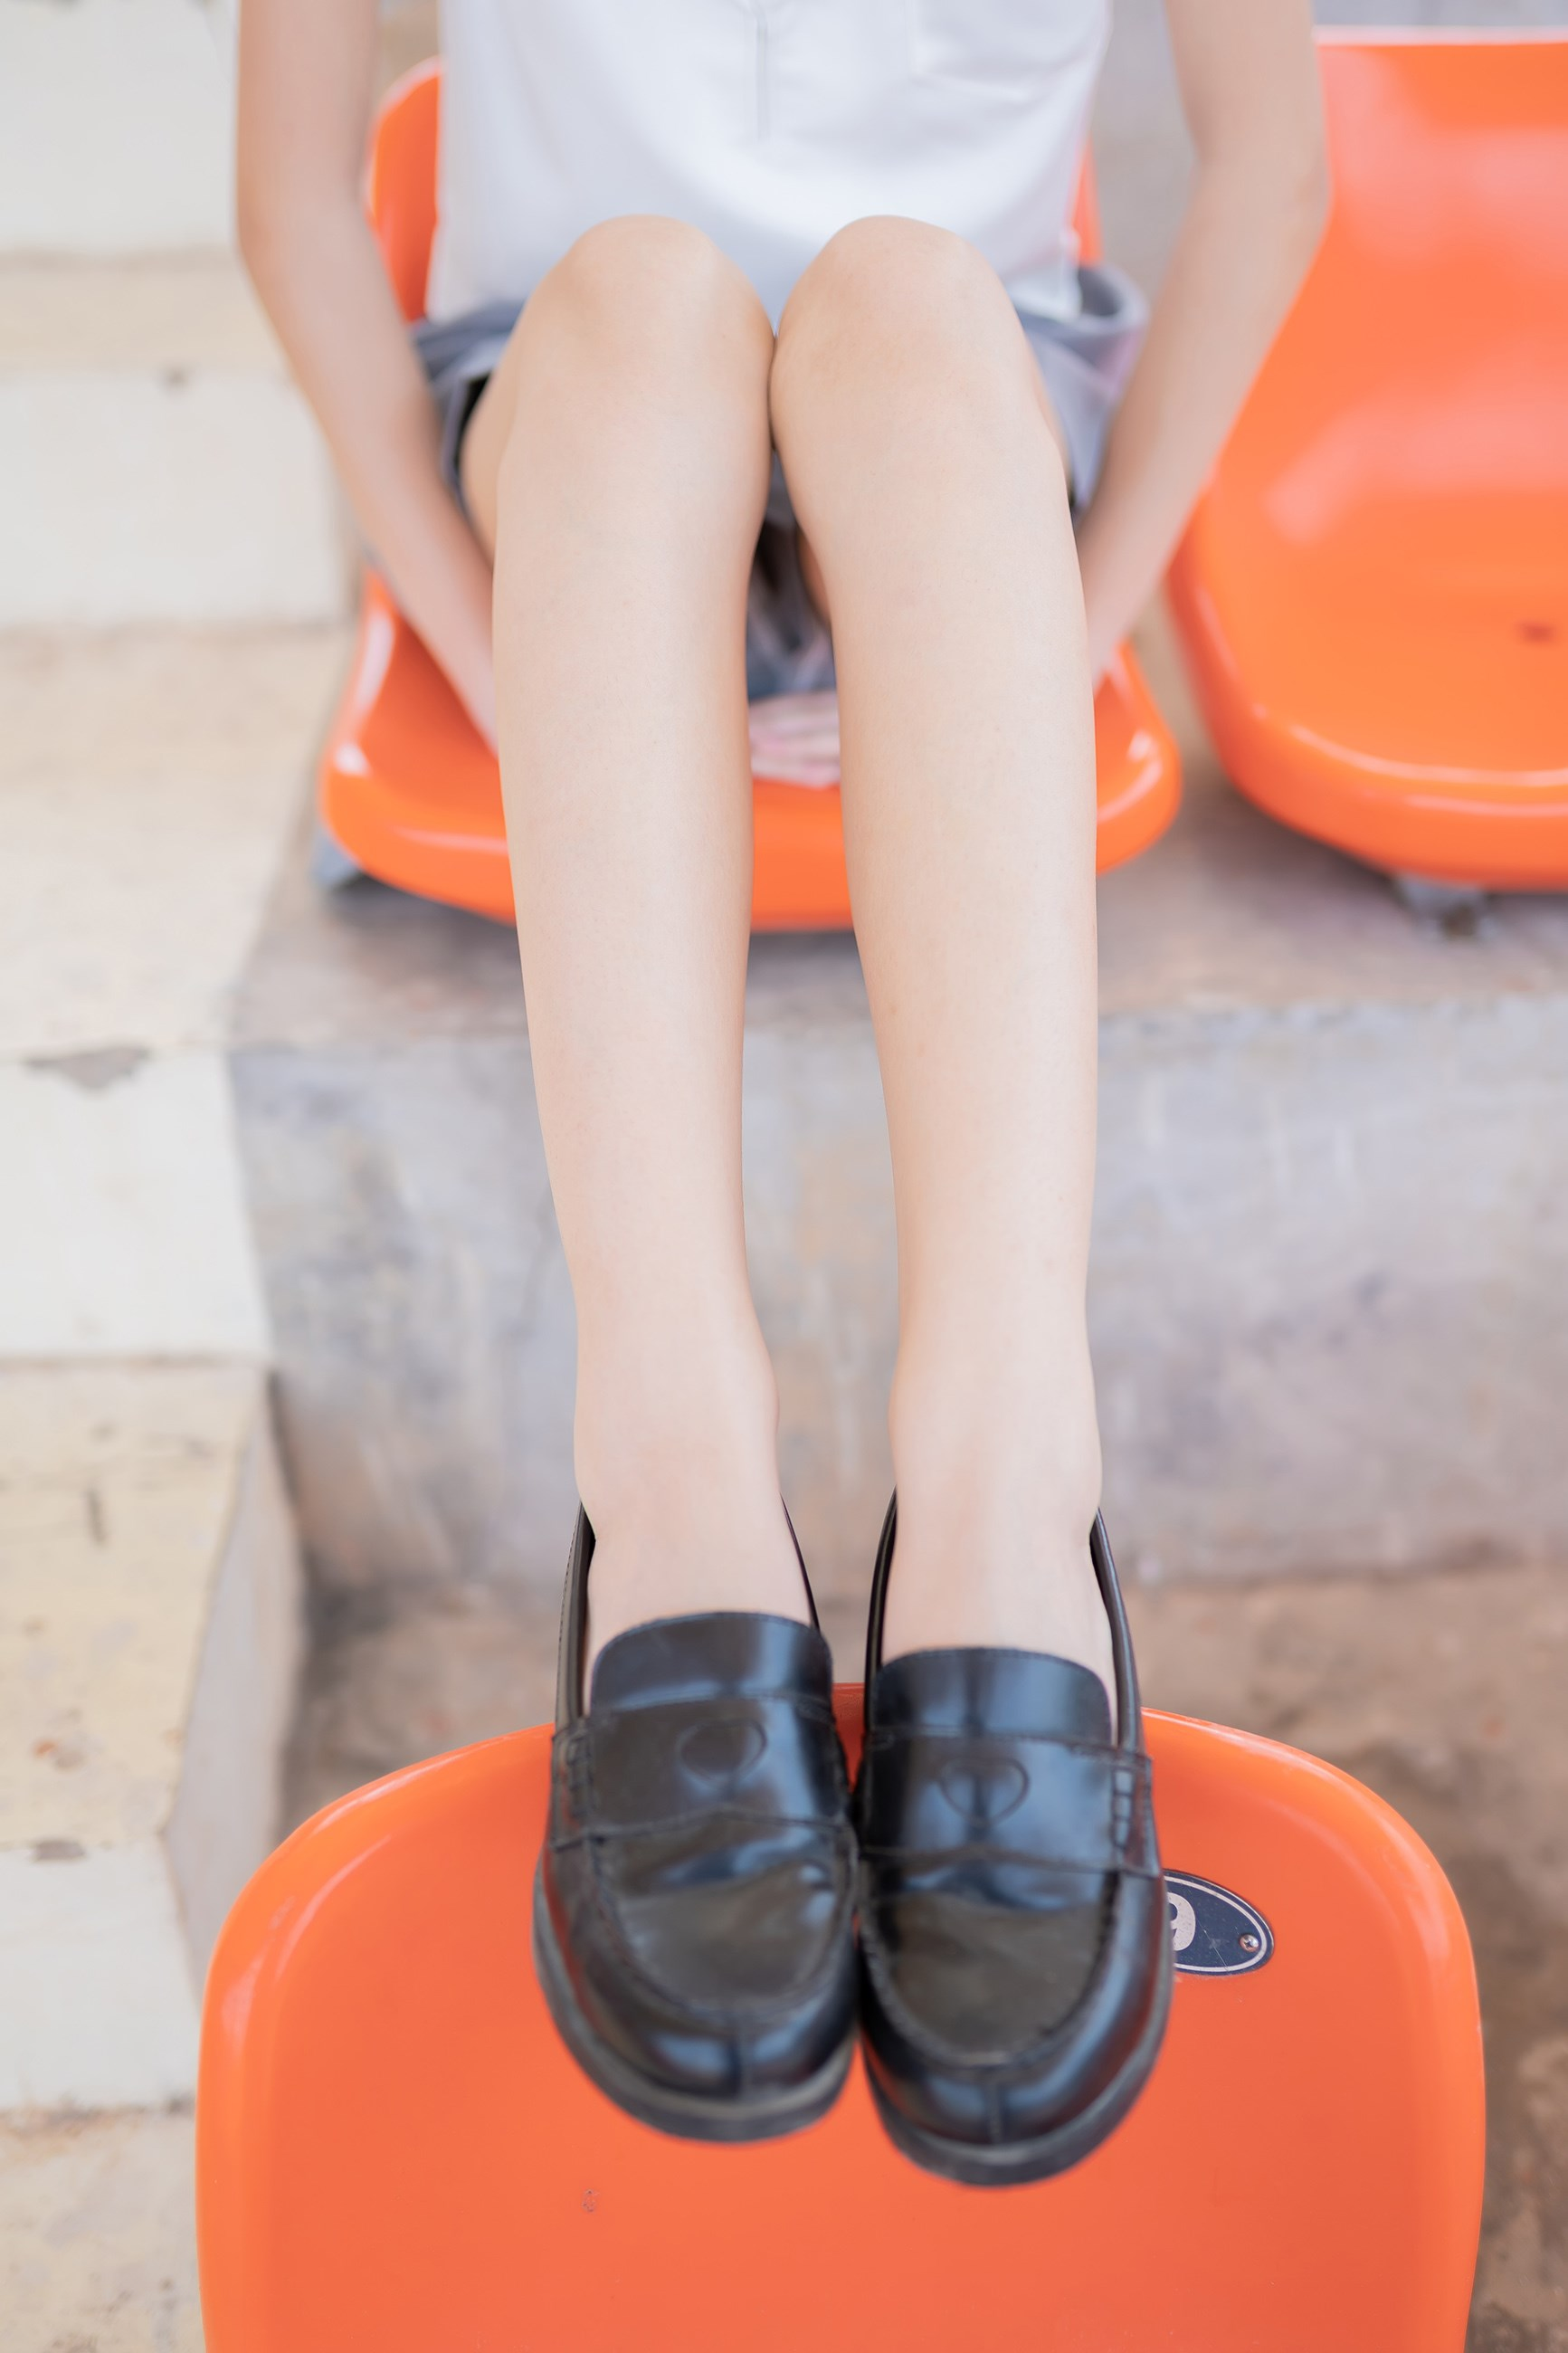 【兔玩映画】看台上的果腿少女 兔玩映画 第9张